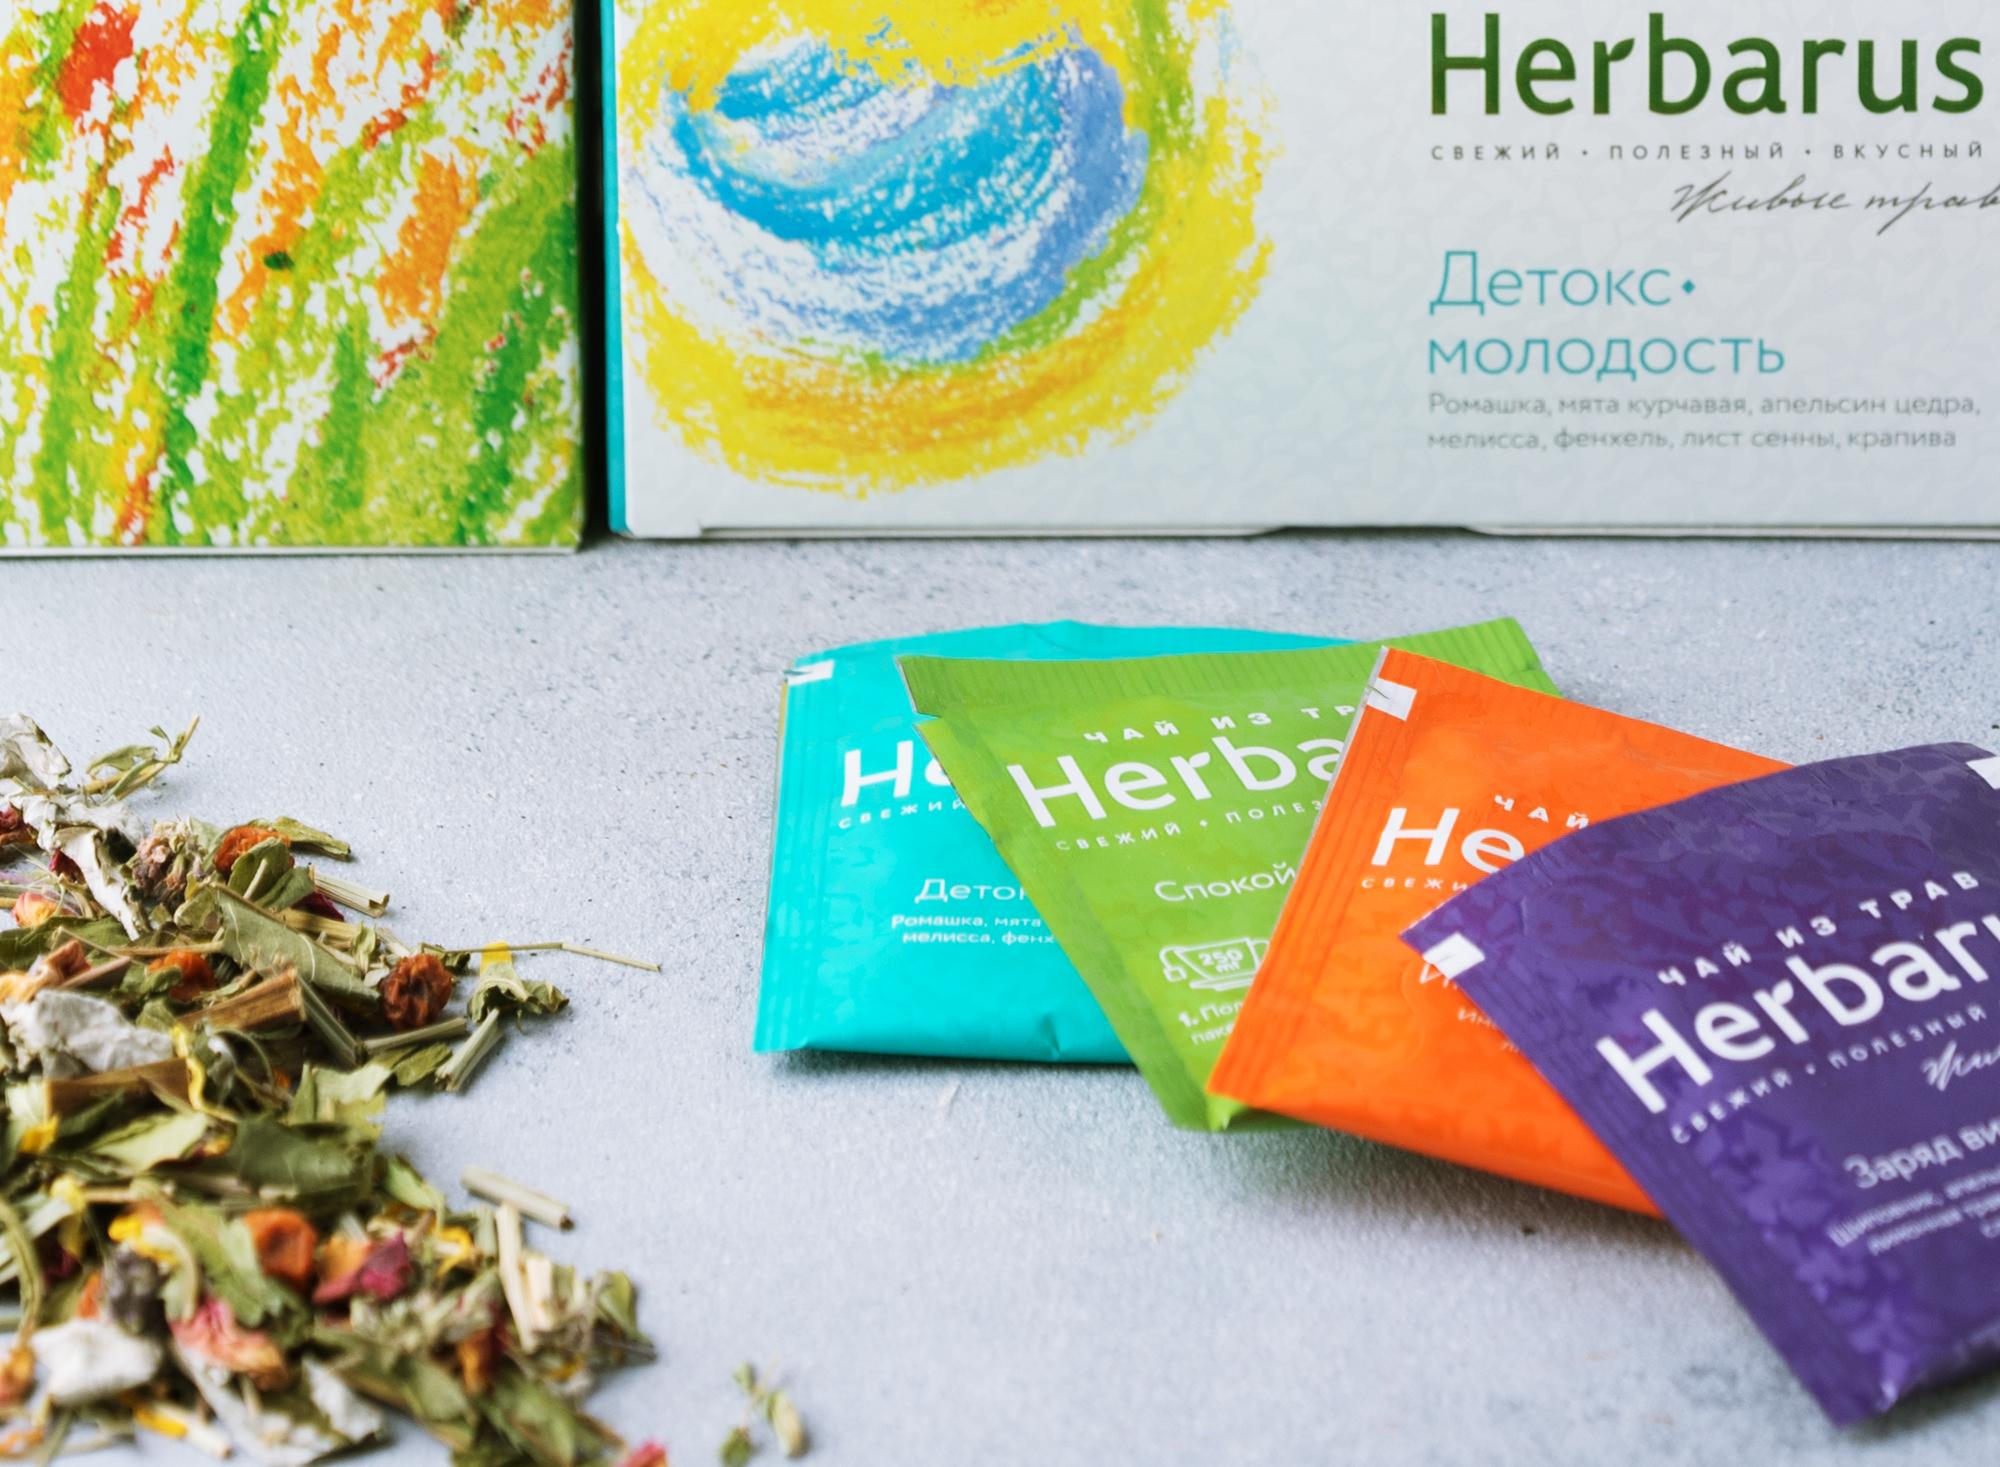 разработка упаковки пакетированного чая